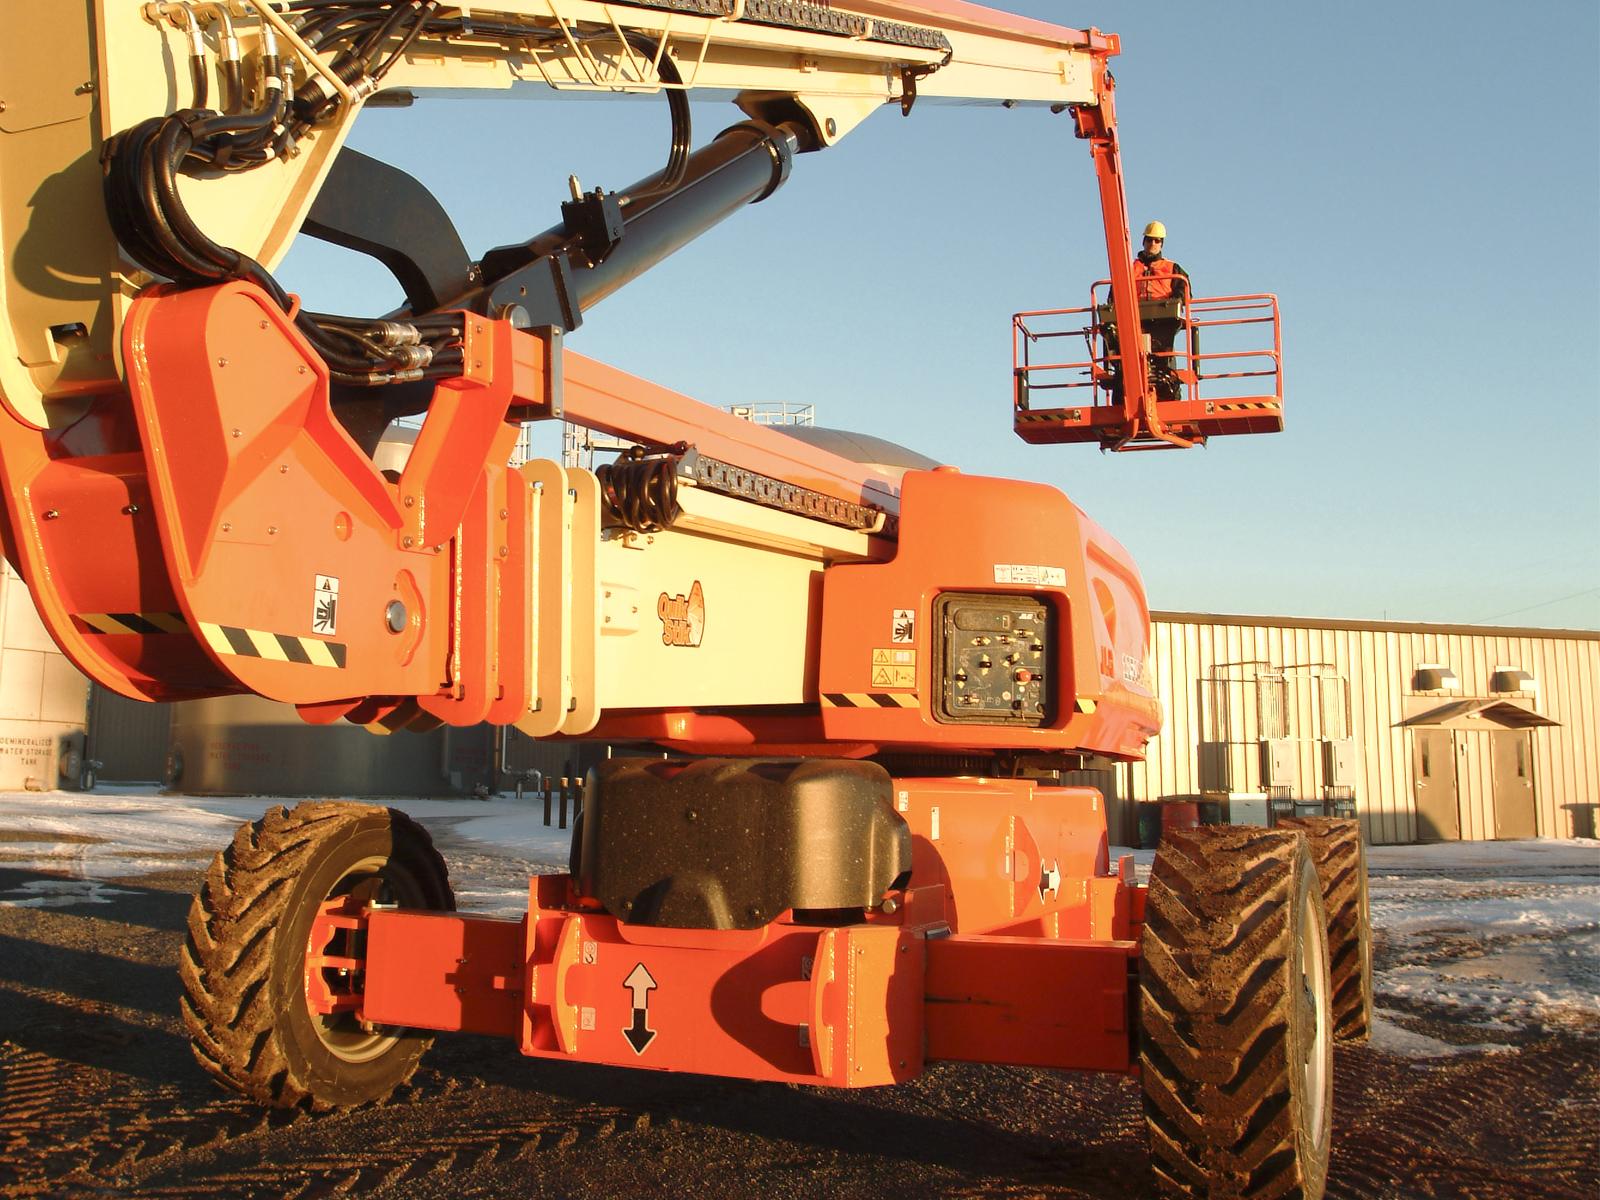 1250ajp articulating boom lift jlg rh jlg com JLG Lift JLG Boom Lift Operators Manual